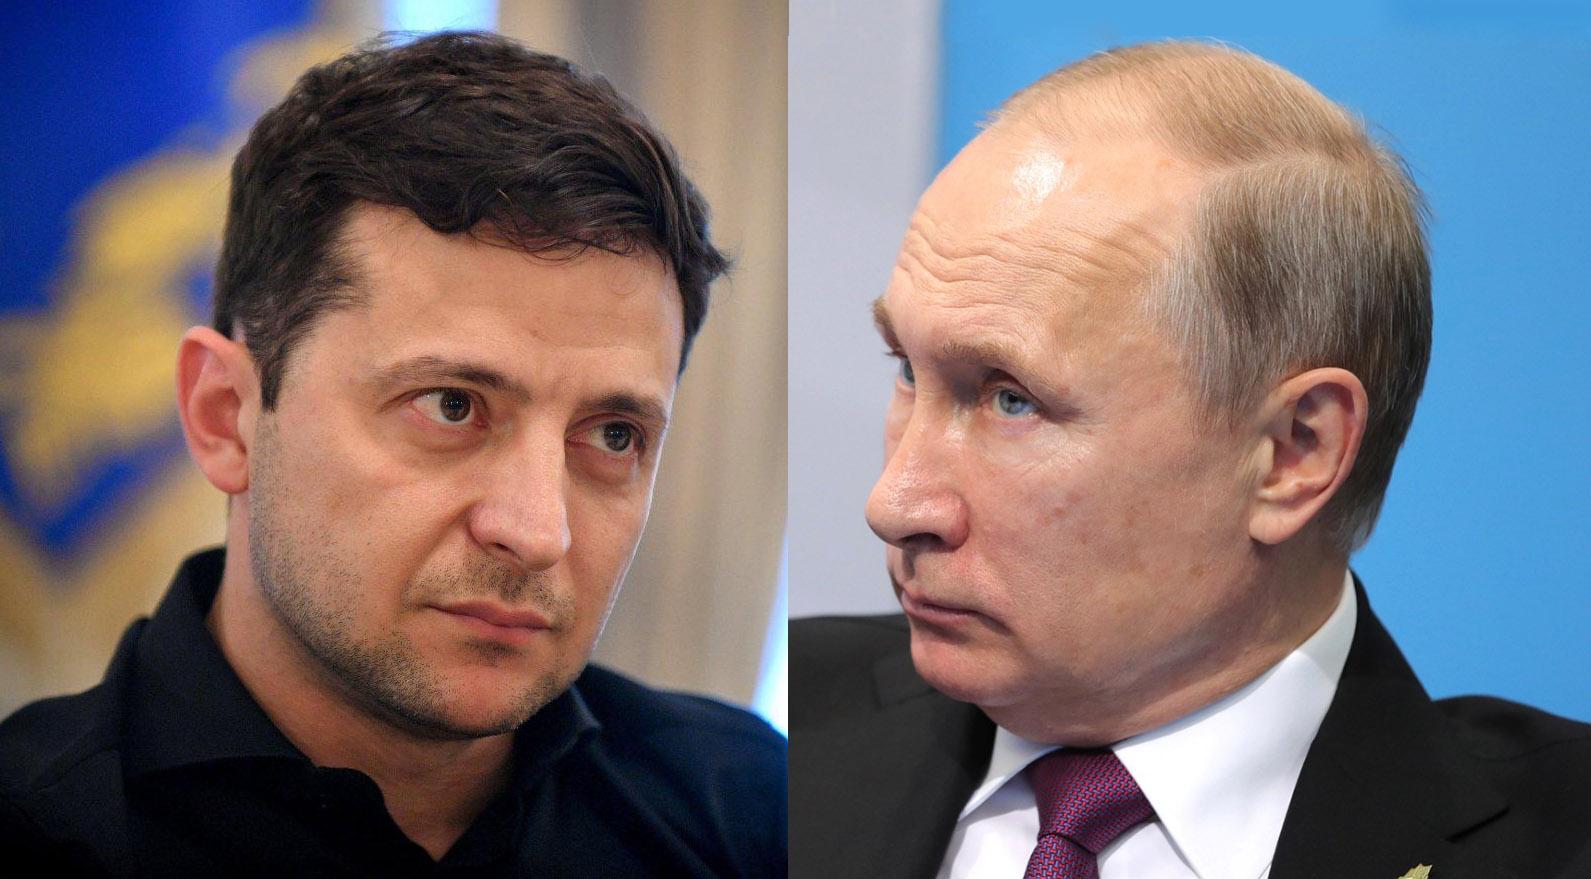 Богдан надеется, что Путин и Зеленский встретятся в октябре